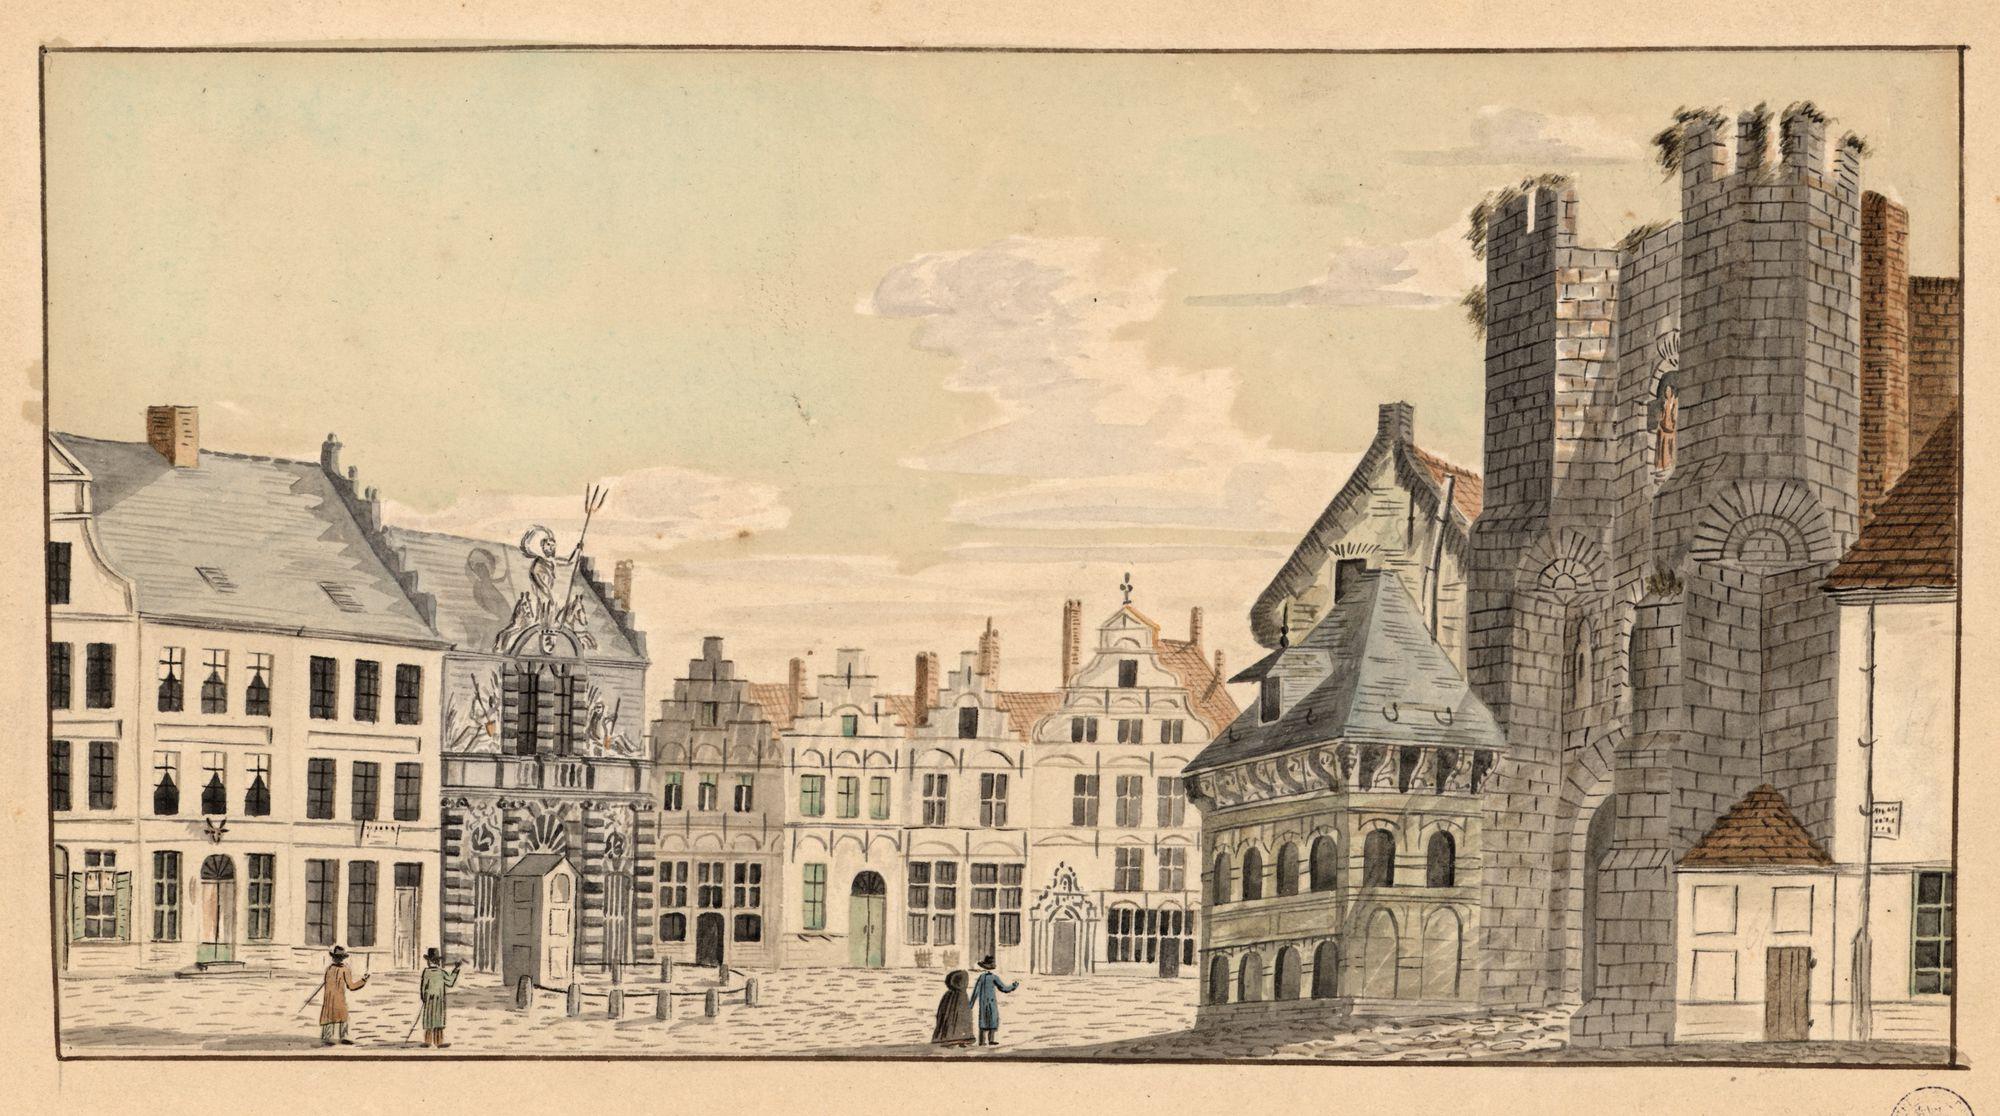 Gent: Sint-Veerleplein, Gravensteen, Vismijn en Wenemaershospitaal